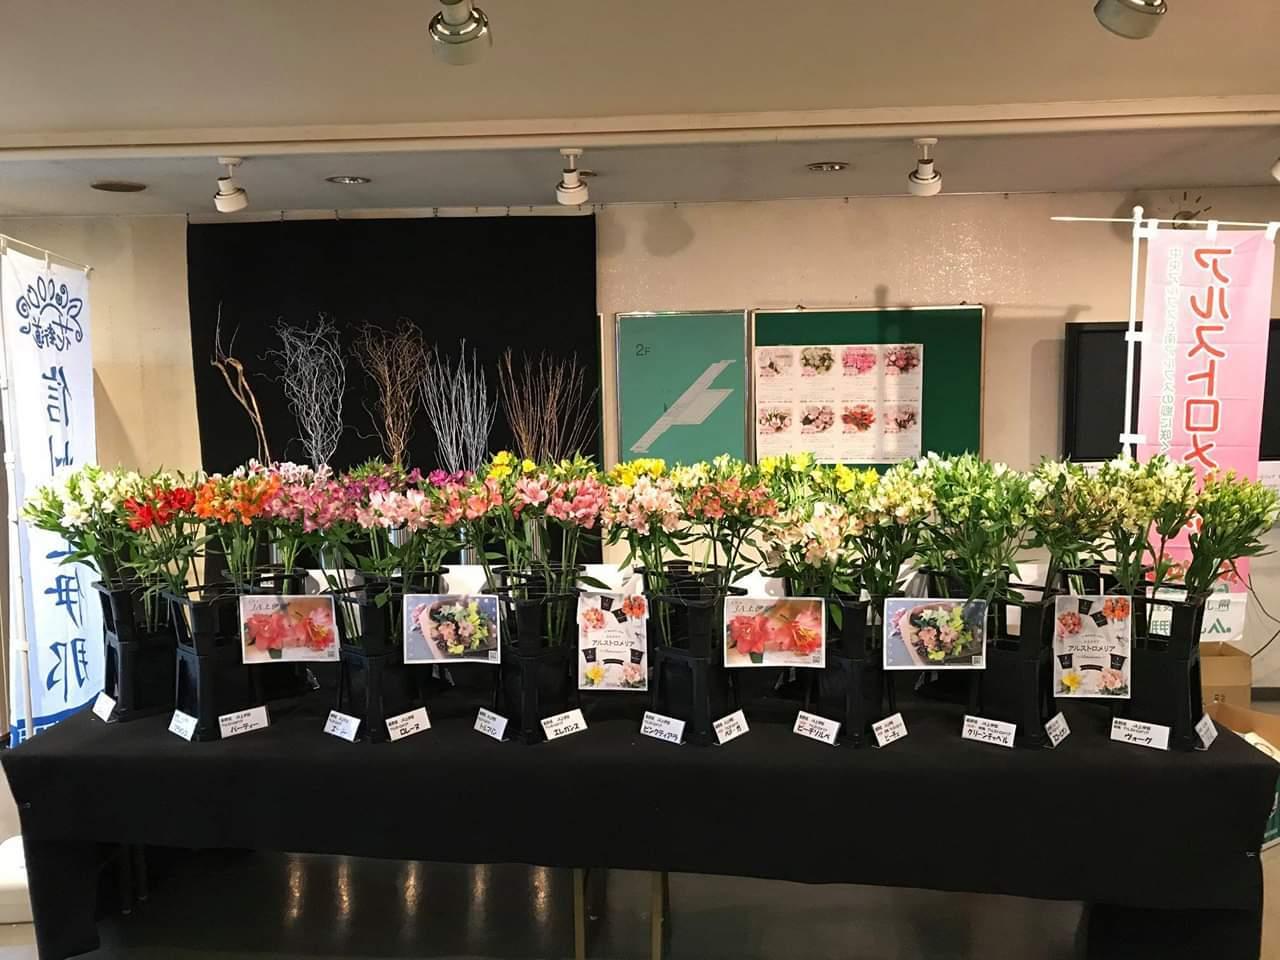 アルストロメリア品種展示 in 西日本花きさま_d0062298_20465914.jpg